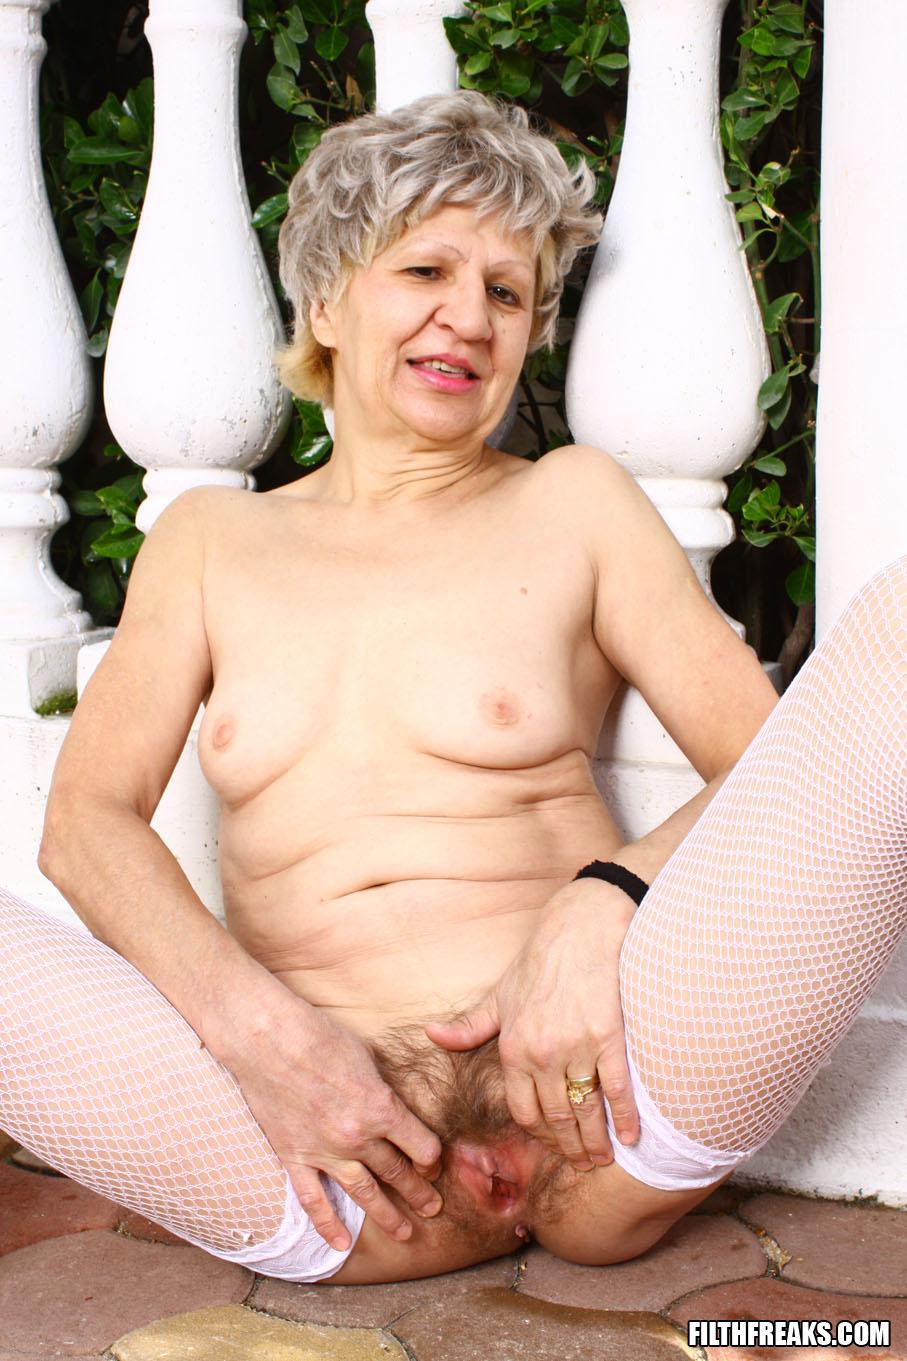 Шлюха старая фото, секс оргазм моей девушки смотреть